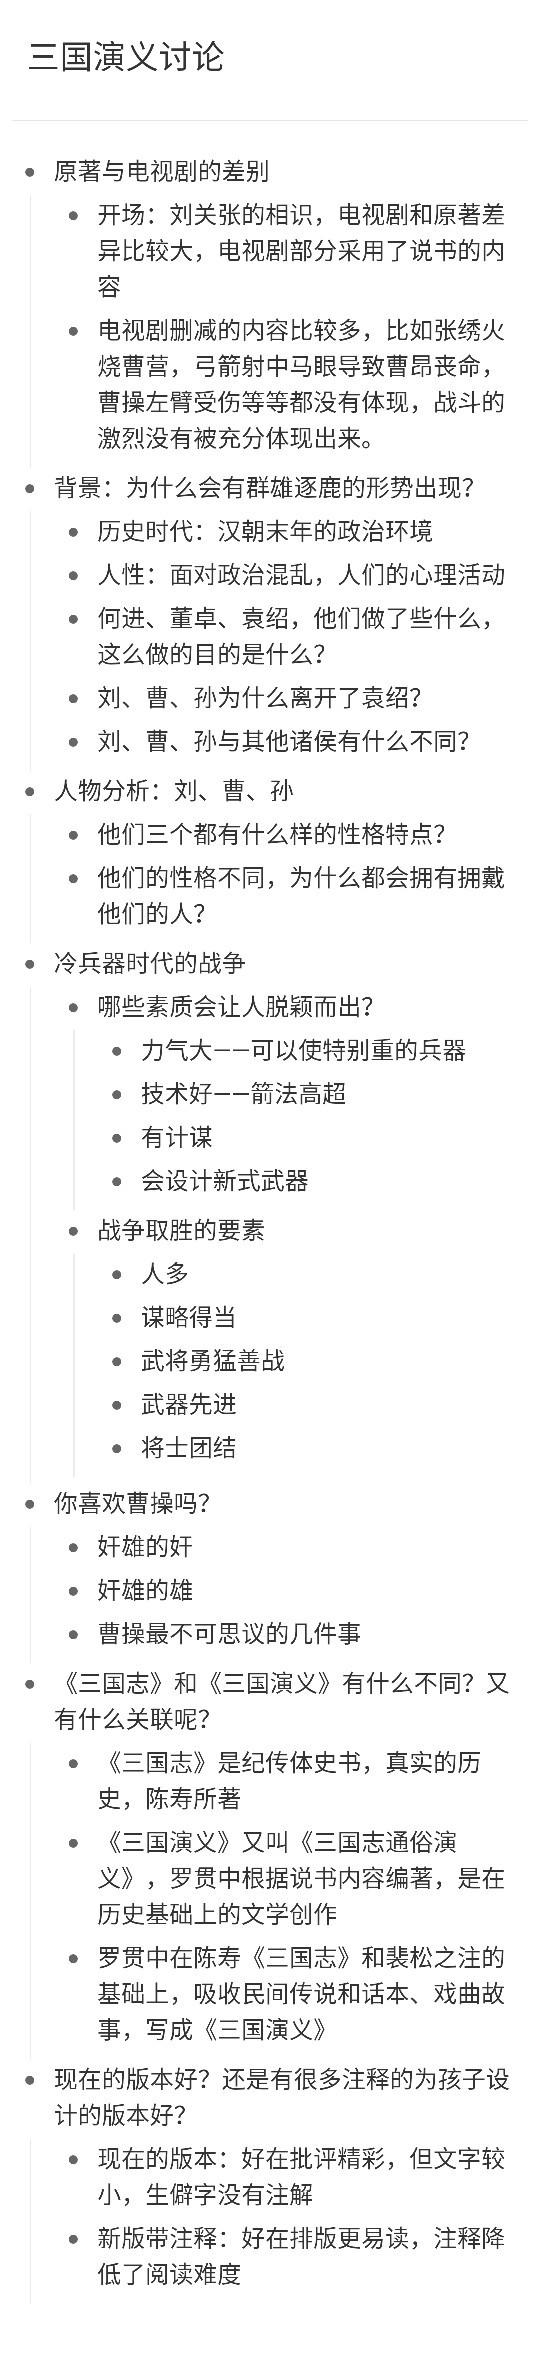 红楼梦中刘姥姥三进_2019年闺女的中文书单:四大名著-小花生